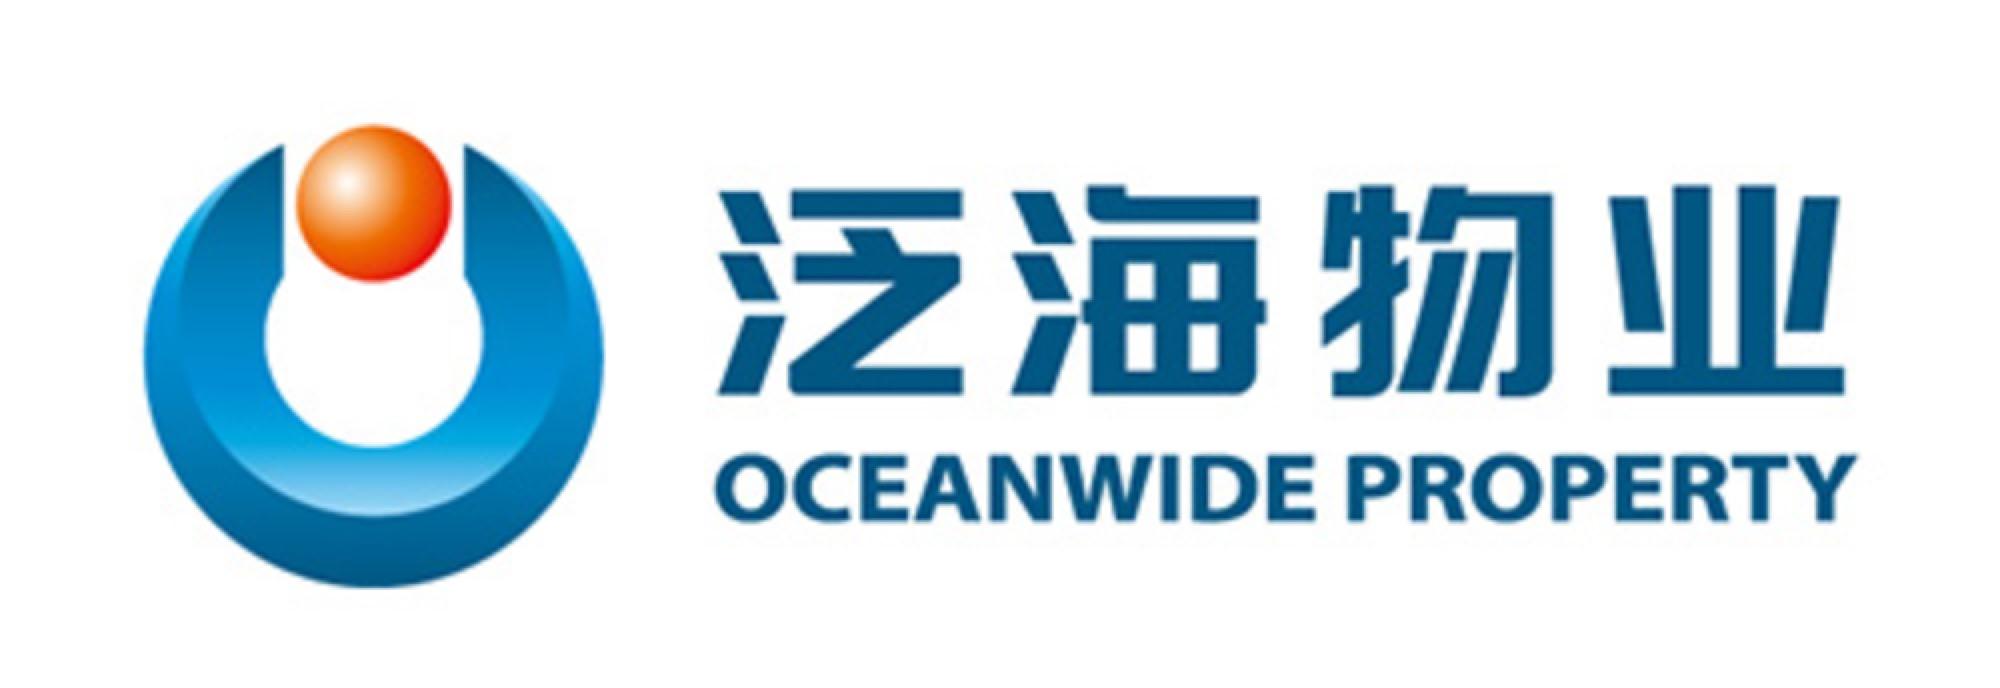 【保洁服务客户】泛海物业